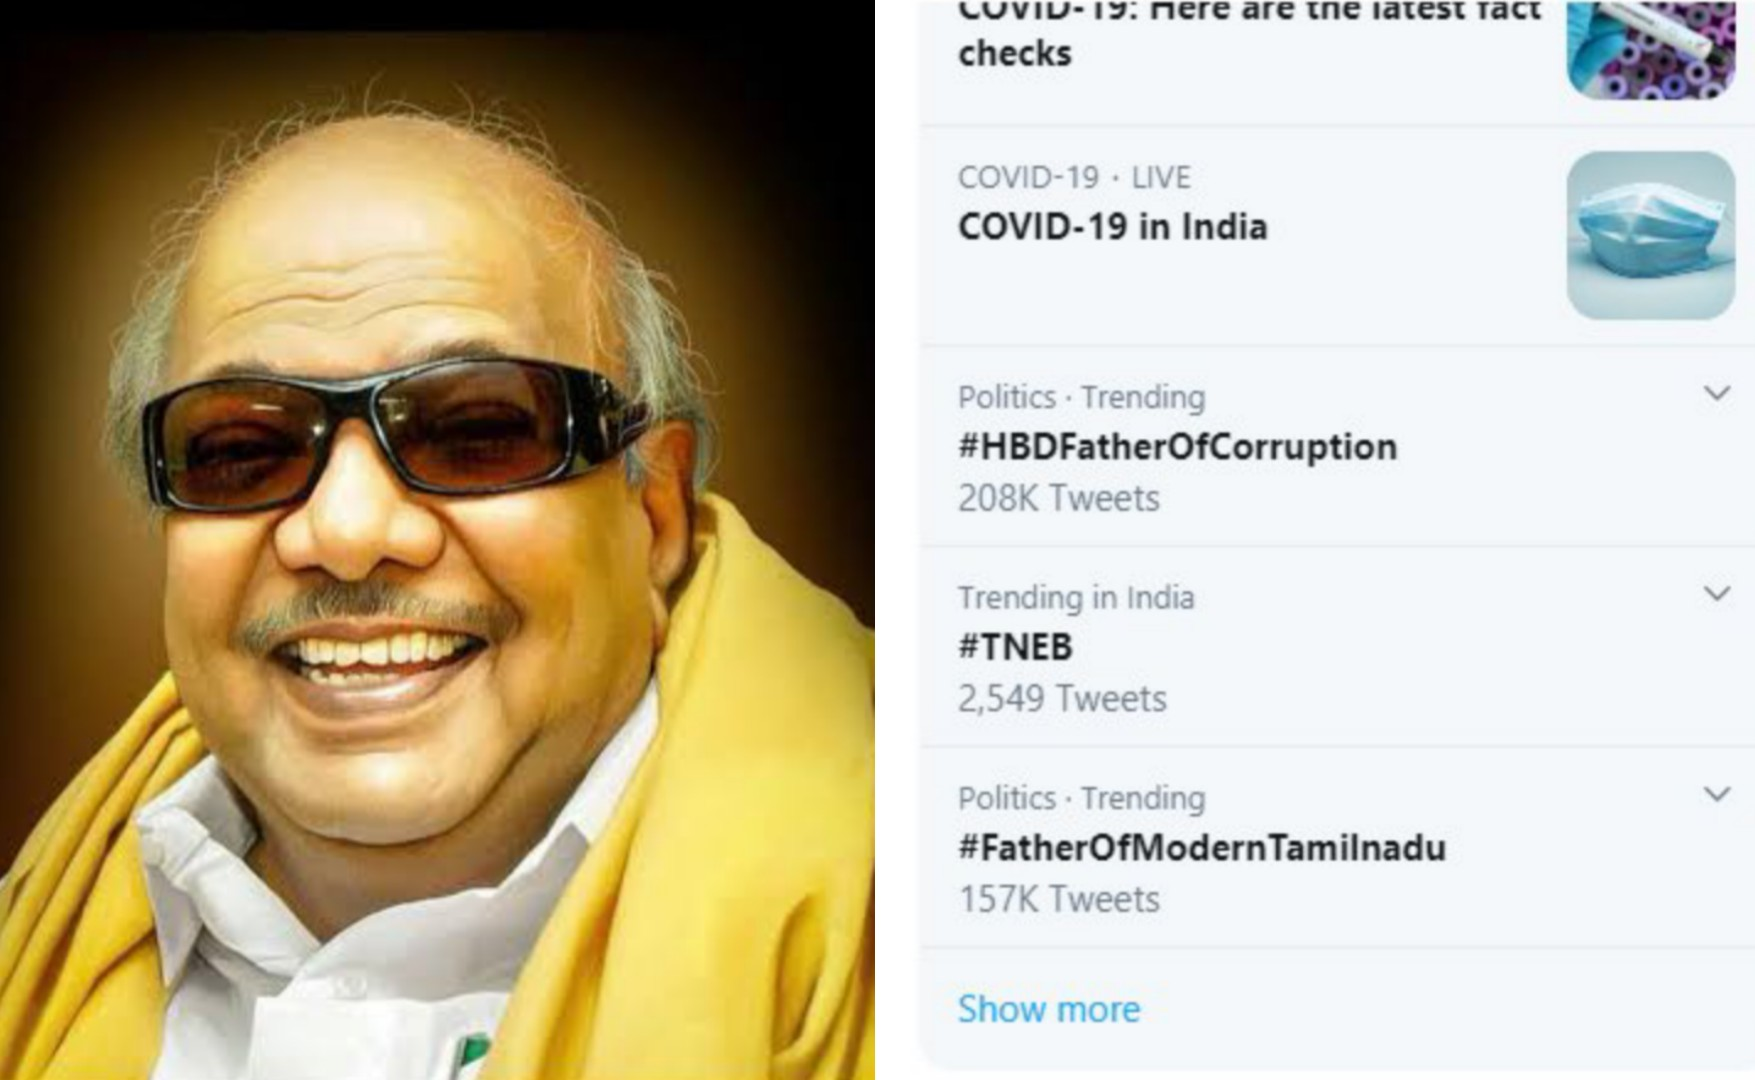 பிறந்தநாளுக்கு இப்படி ஒரு டிரெண்டா ? தேசிய அளவில் டிரெண்டாகும் #HBDFatherOfCorruption..!